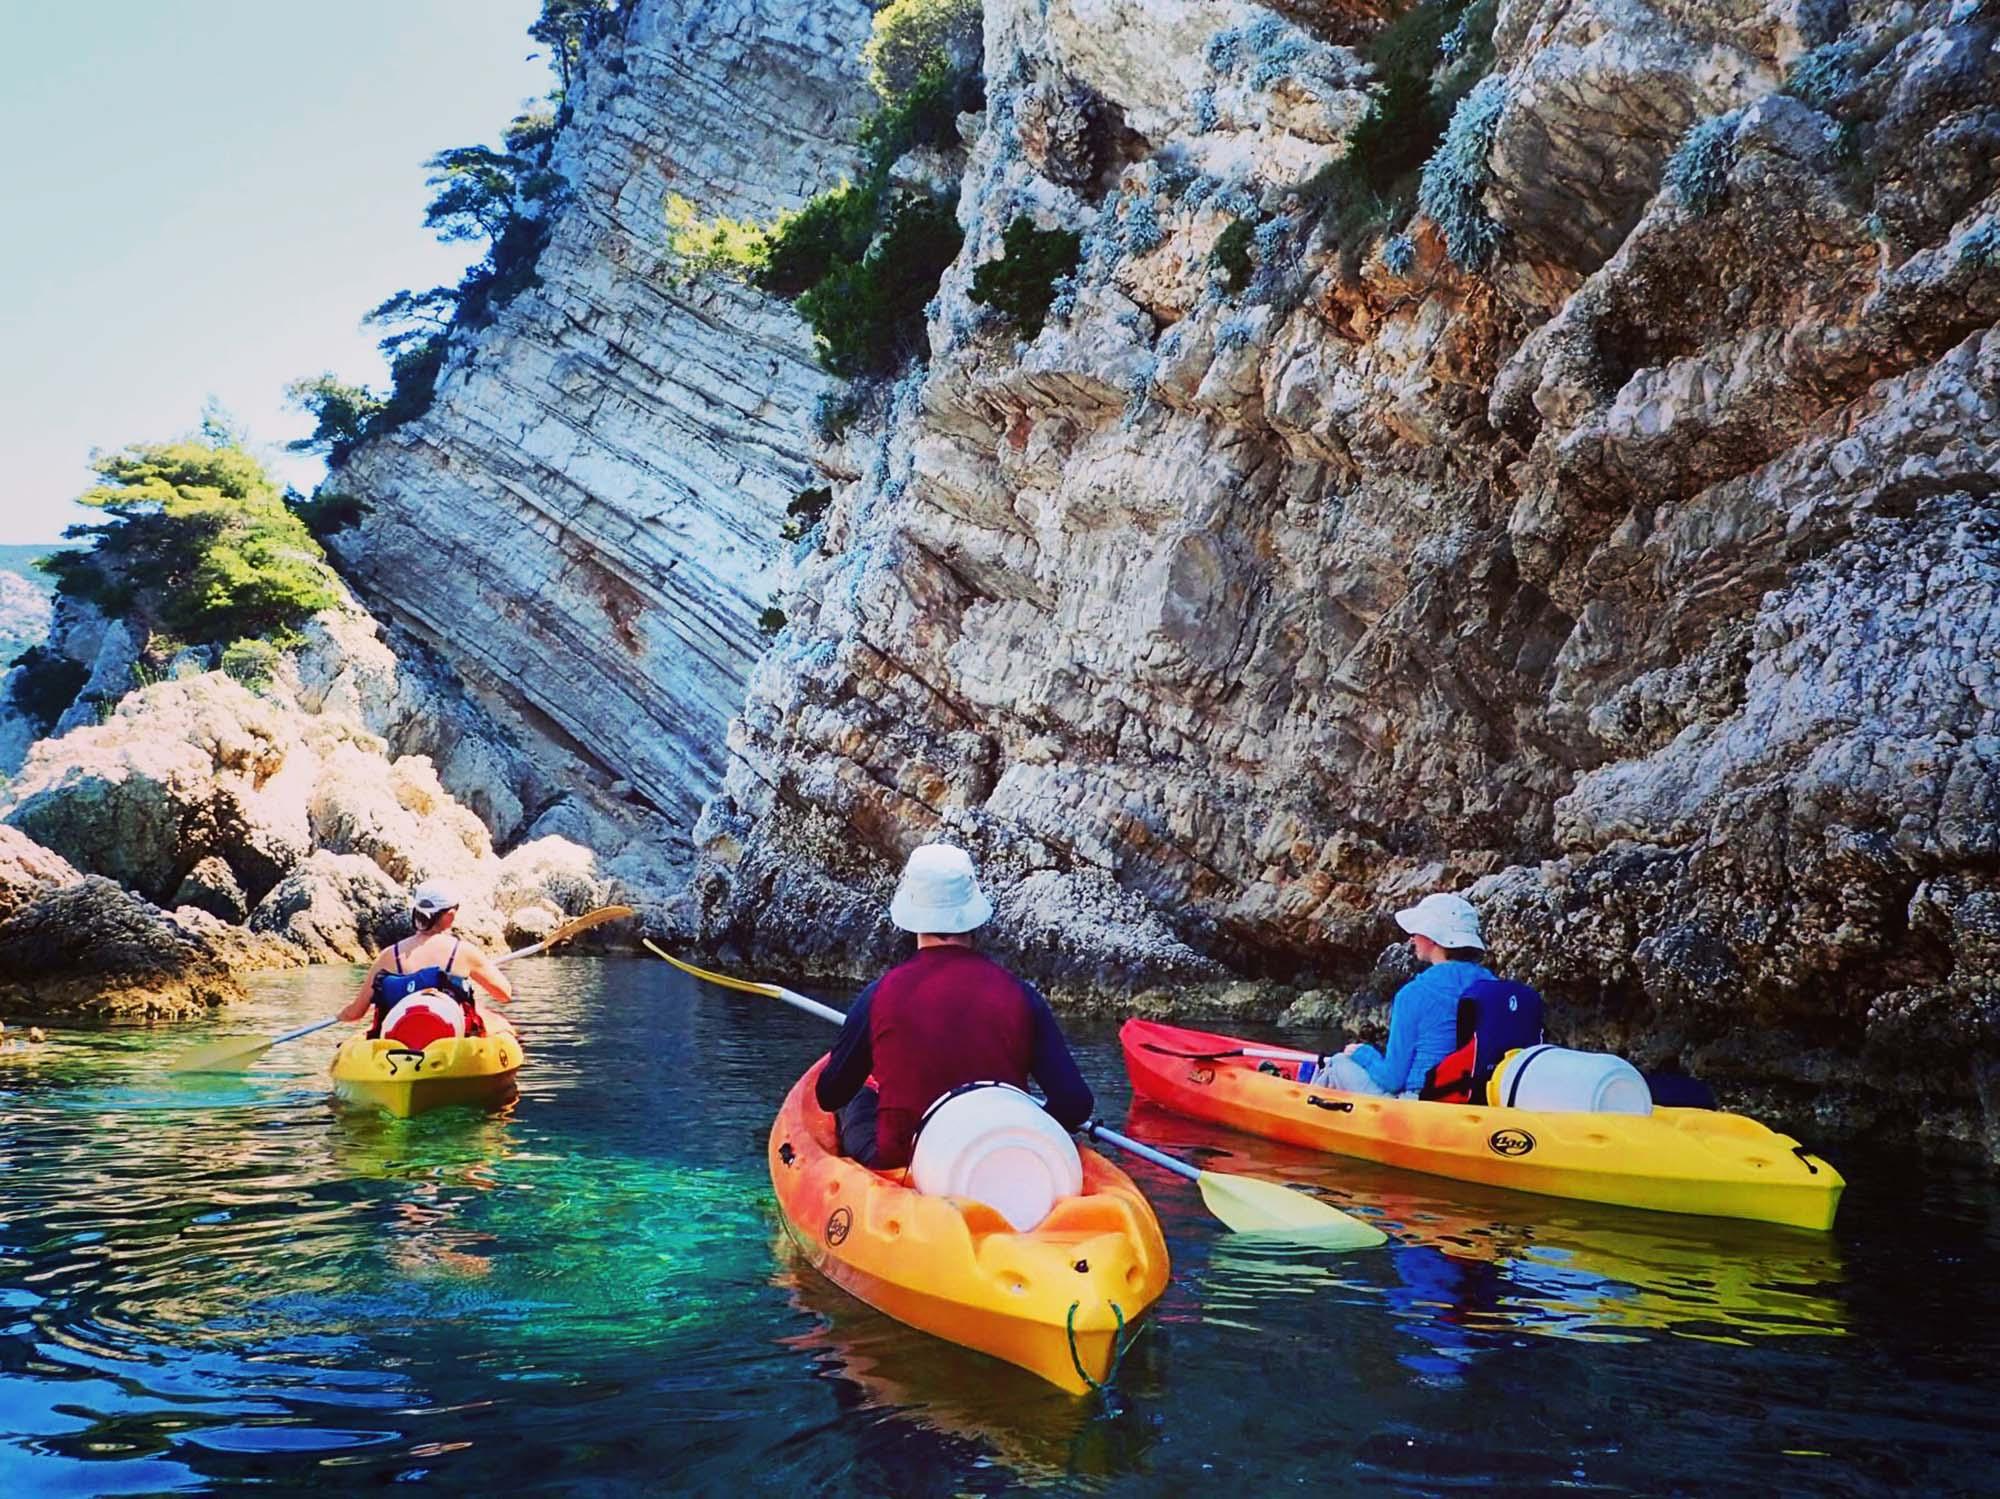 Kayak adventure in Komiža